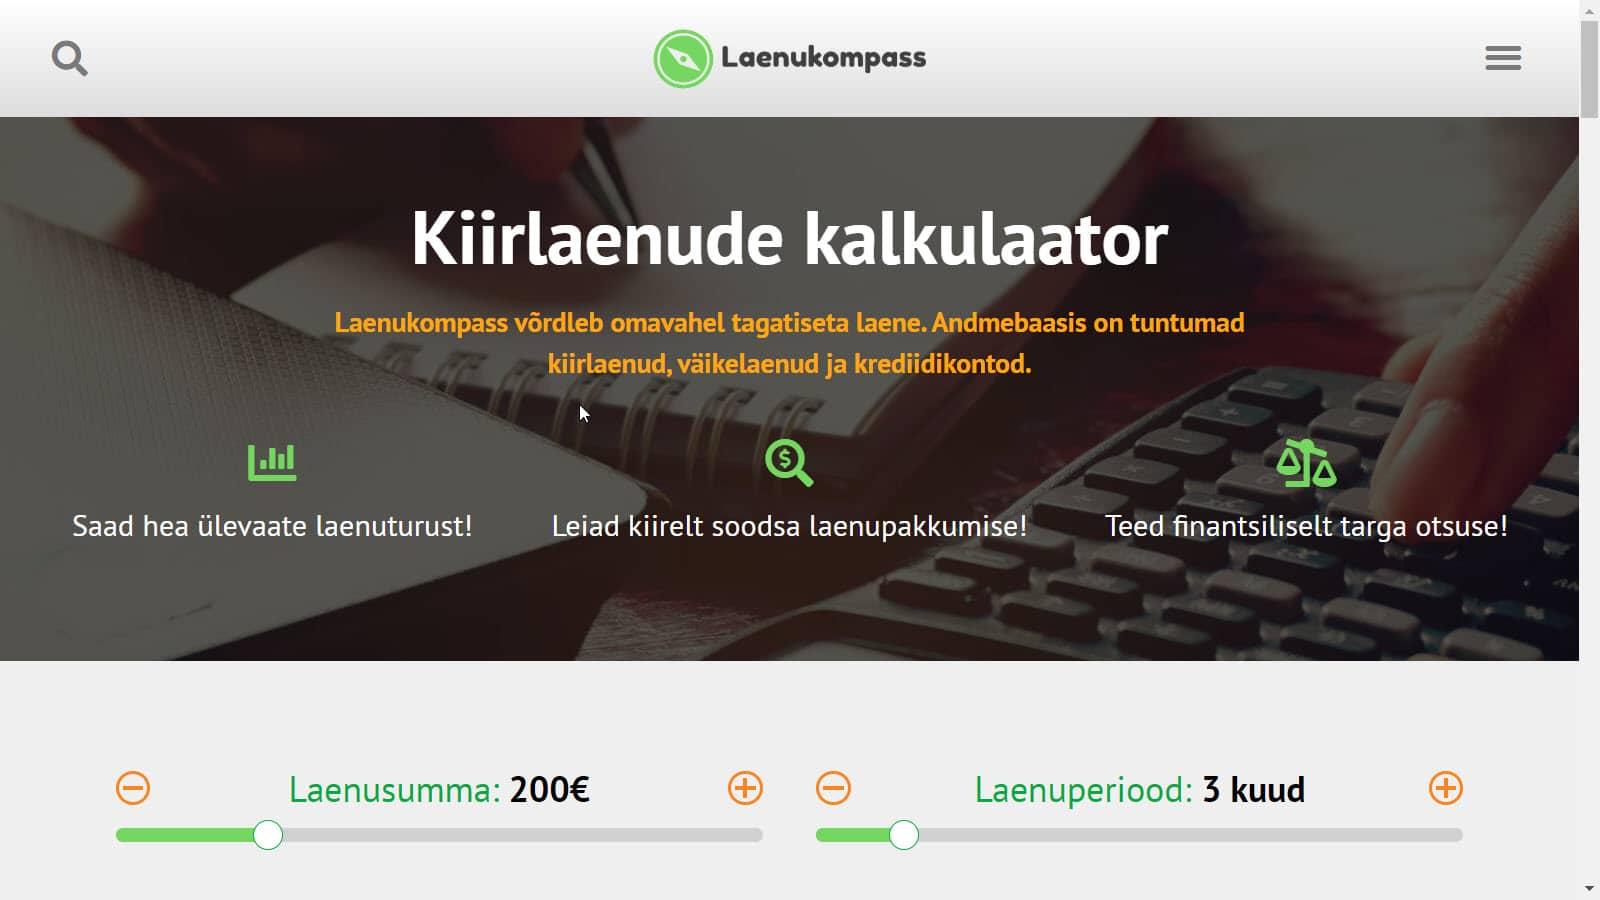 laenukompass.ee